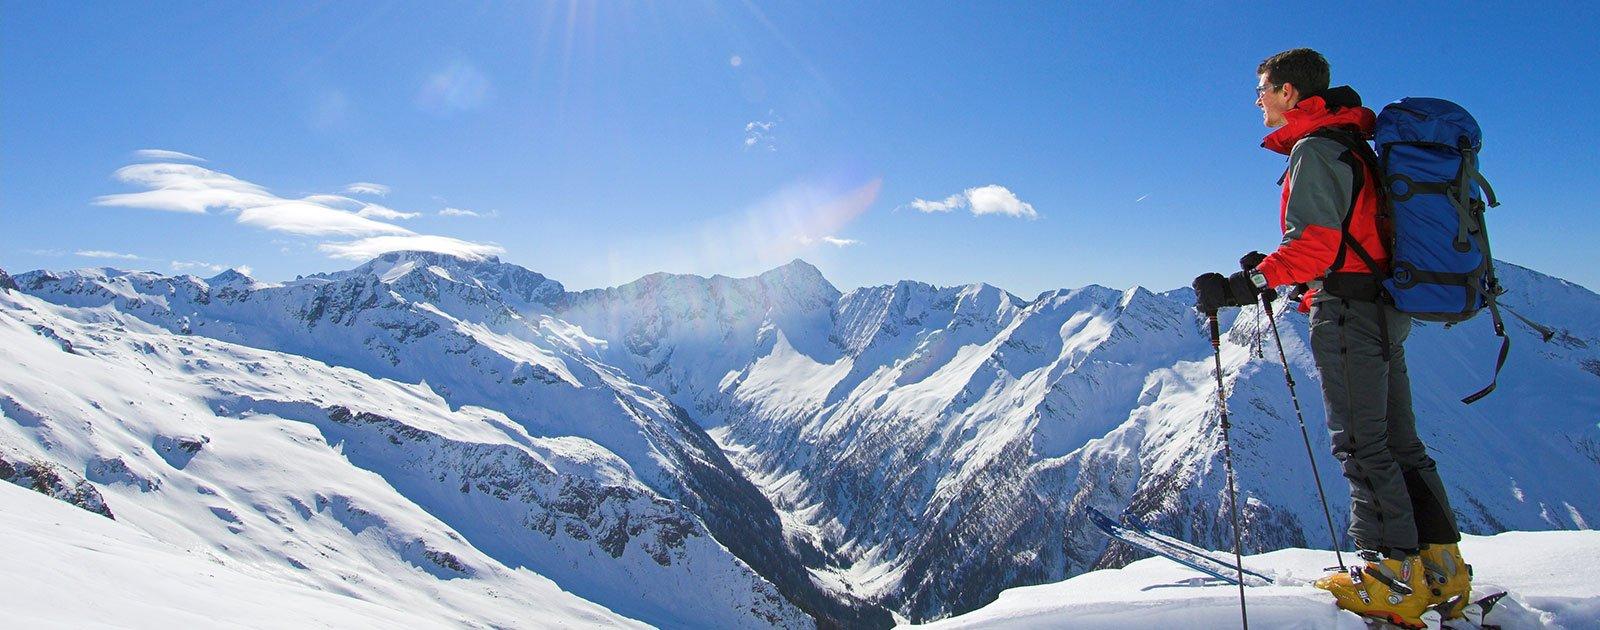 Ankogel Skitourengeher